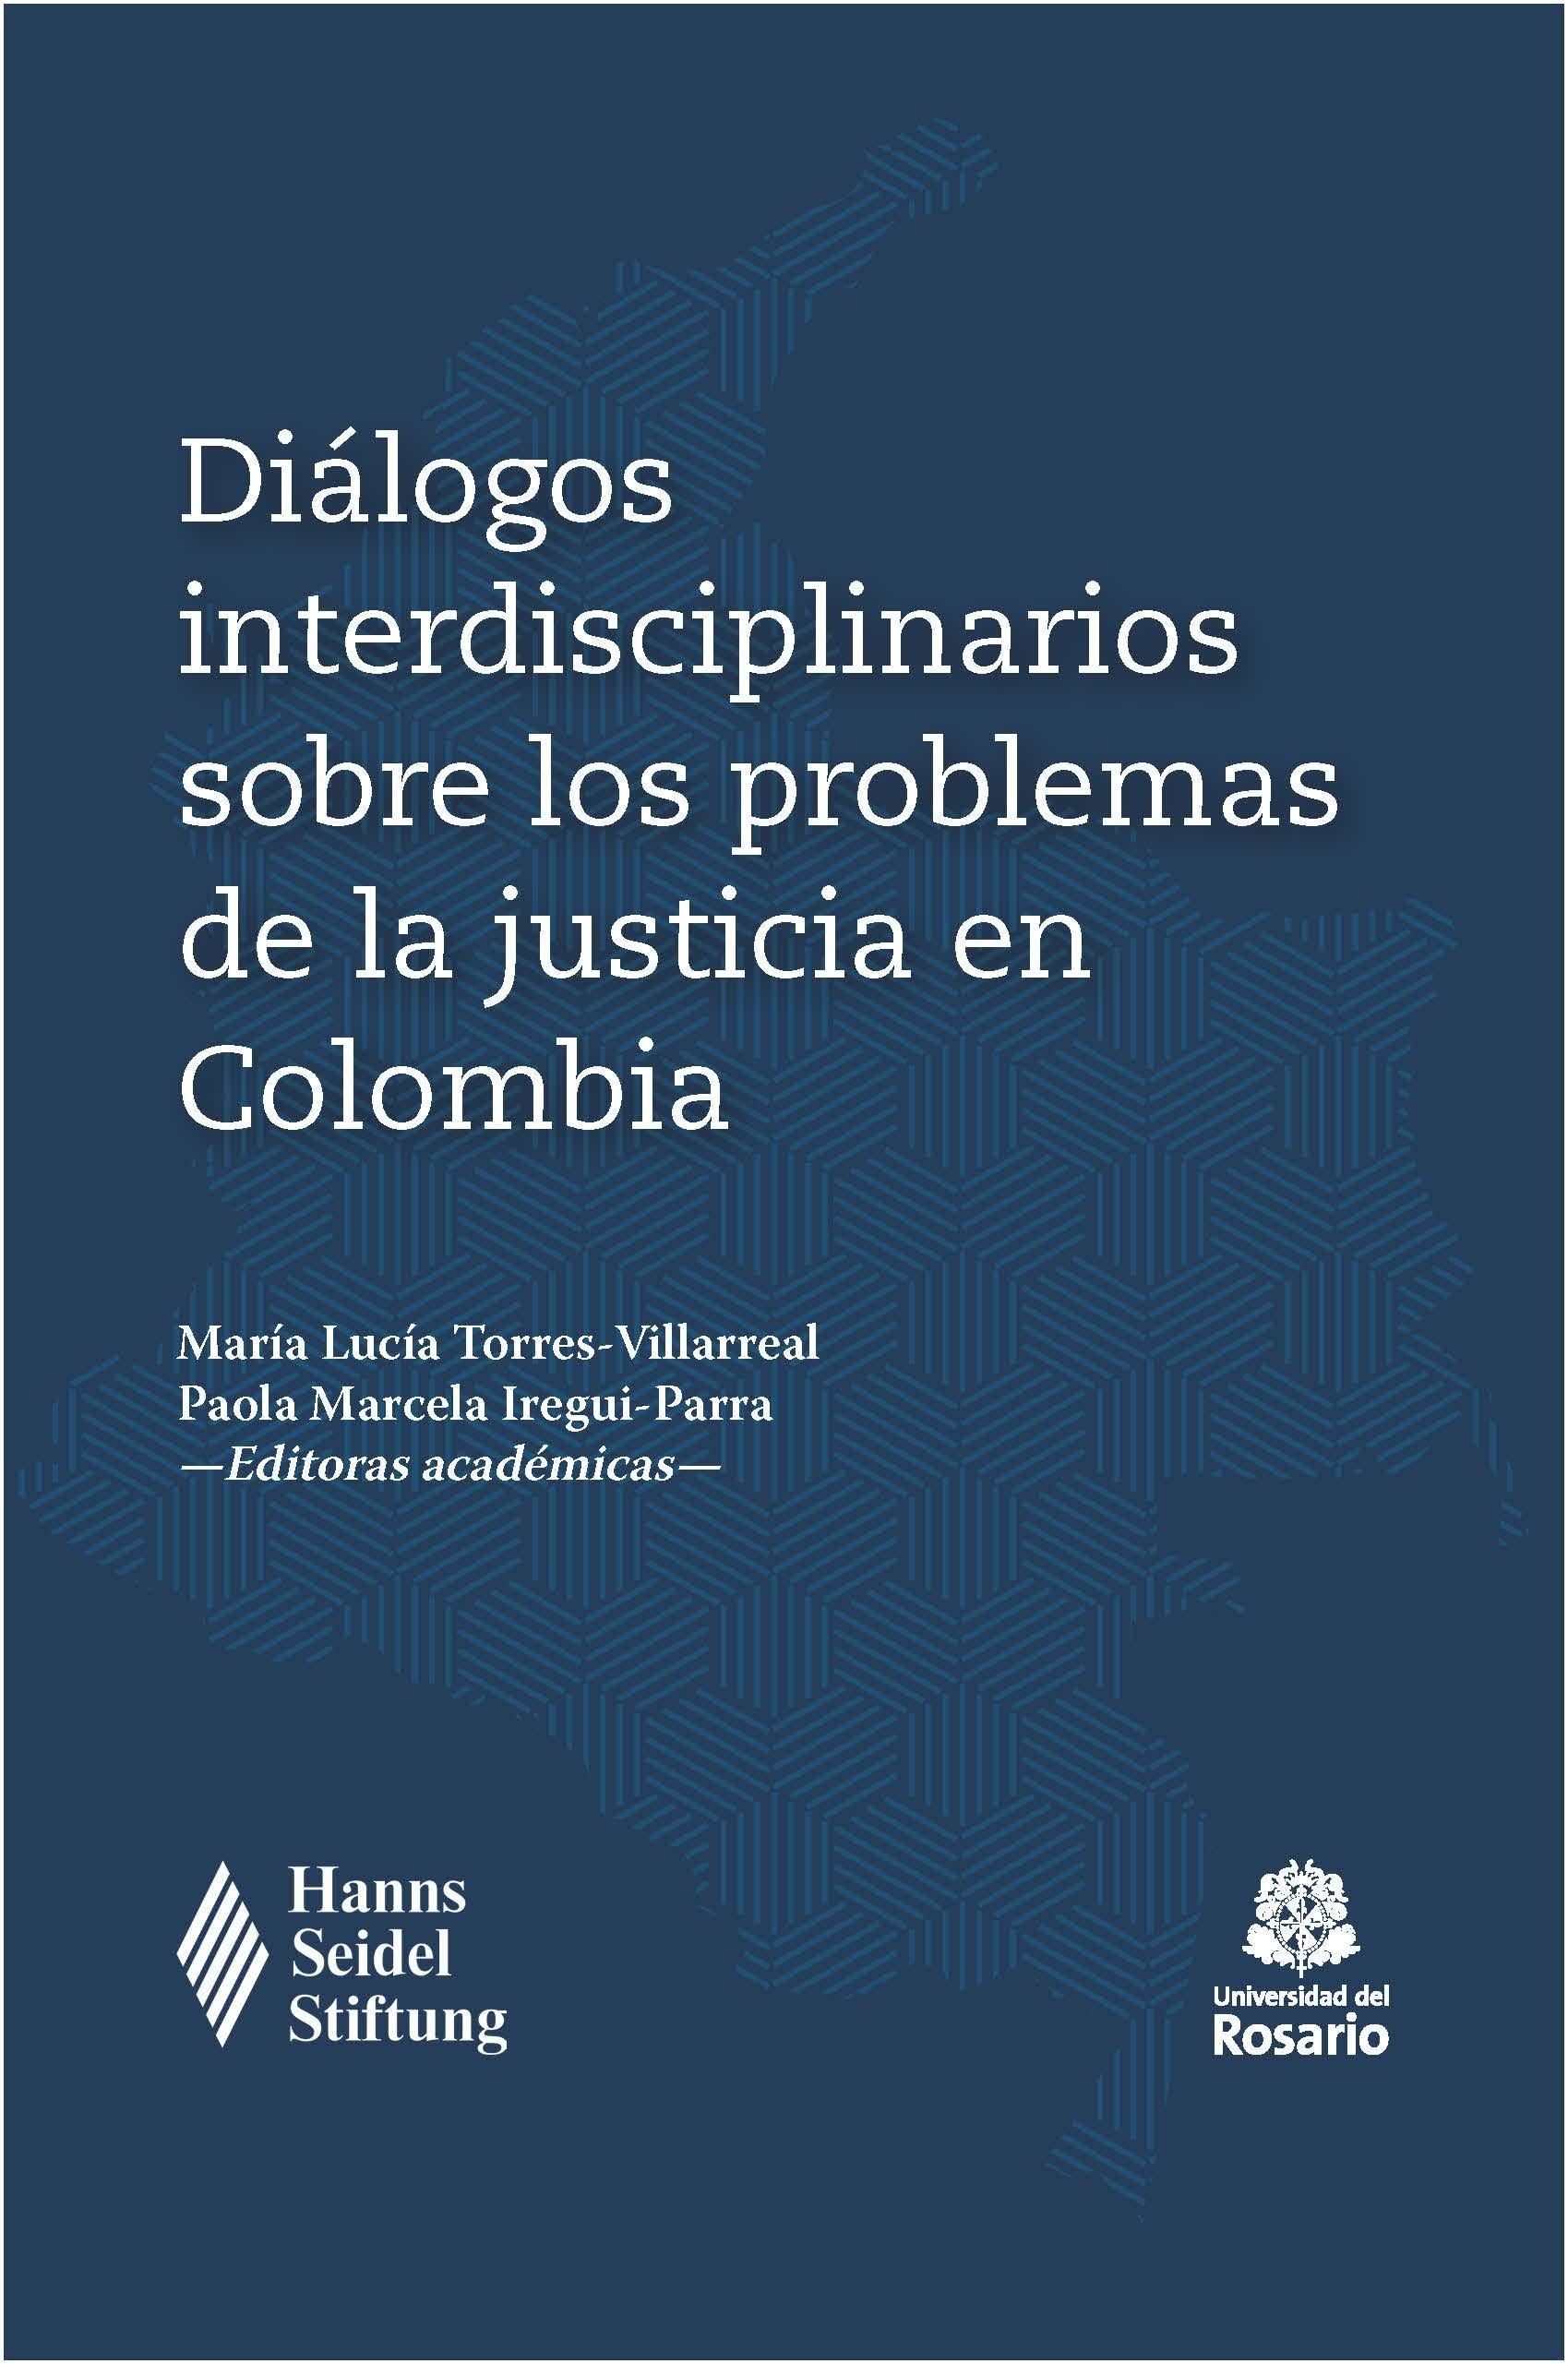 Diálogos interdisciplinarios sobre los problemas de la justicia en Colombia 1